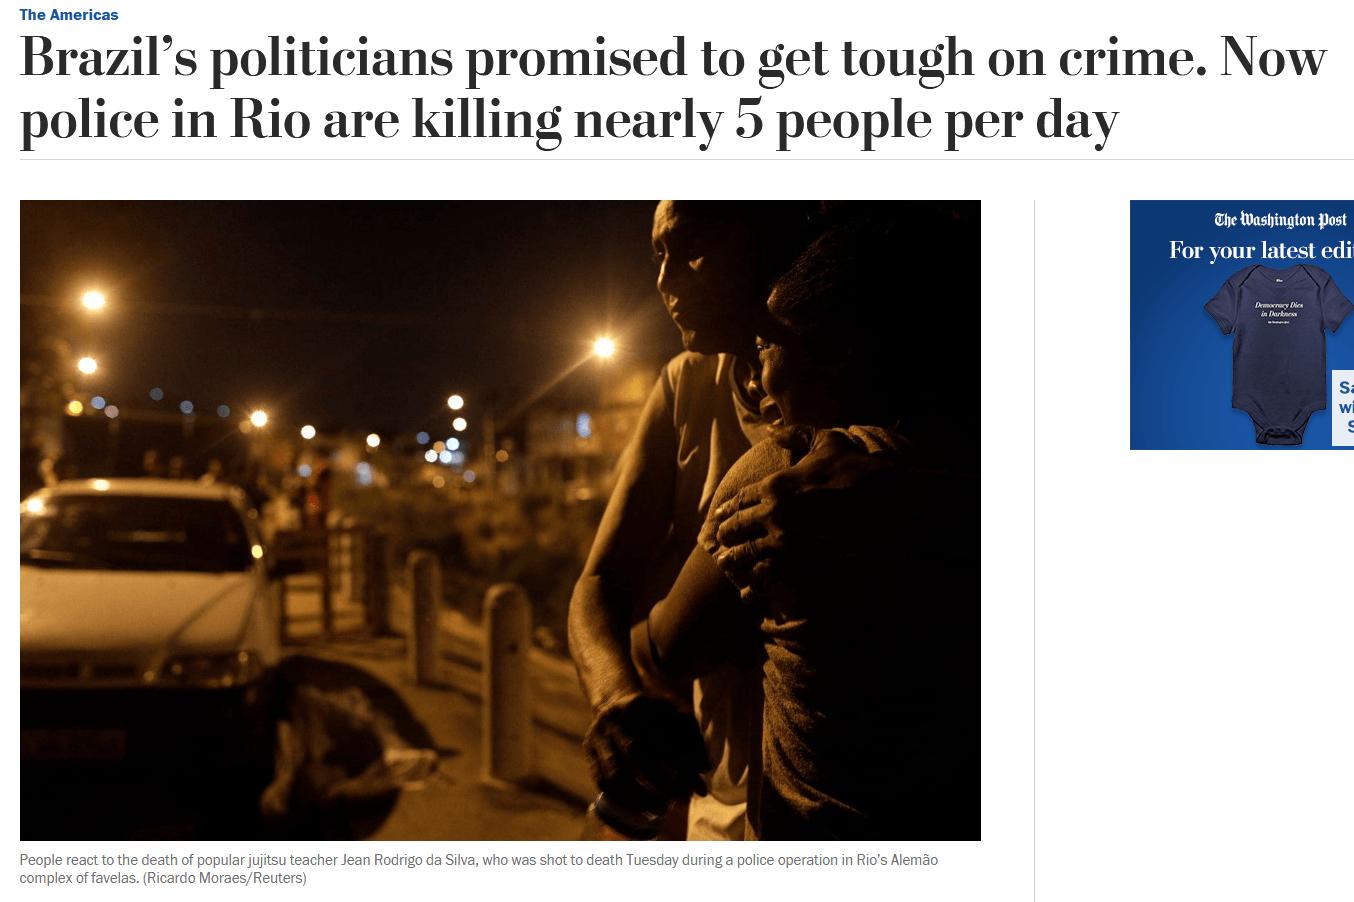 Washington Post: Políticos brasileiros prometeram combater o crime. Agora a polícia no RJ mata quase 5 pessoas por dia